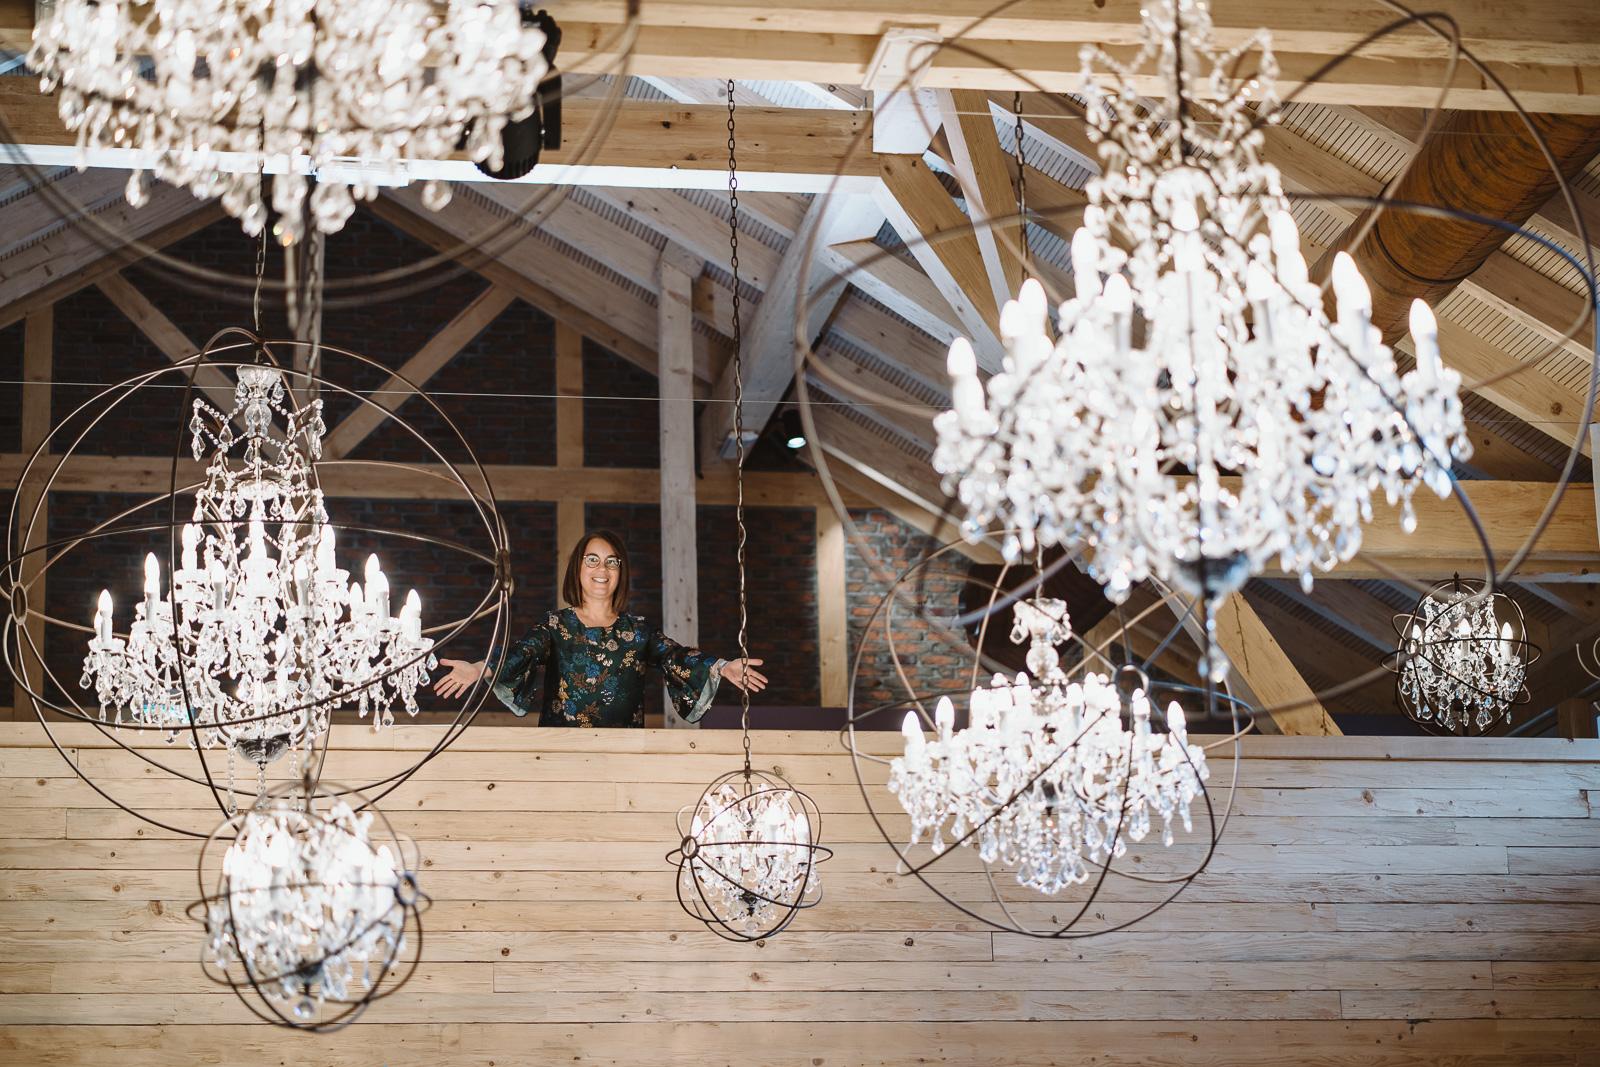 Iris Krolop Weddingplanerin zwischen Kronleuchtern - Hochzeitsfotografin Bernadett Yehdou